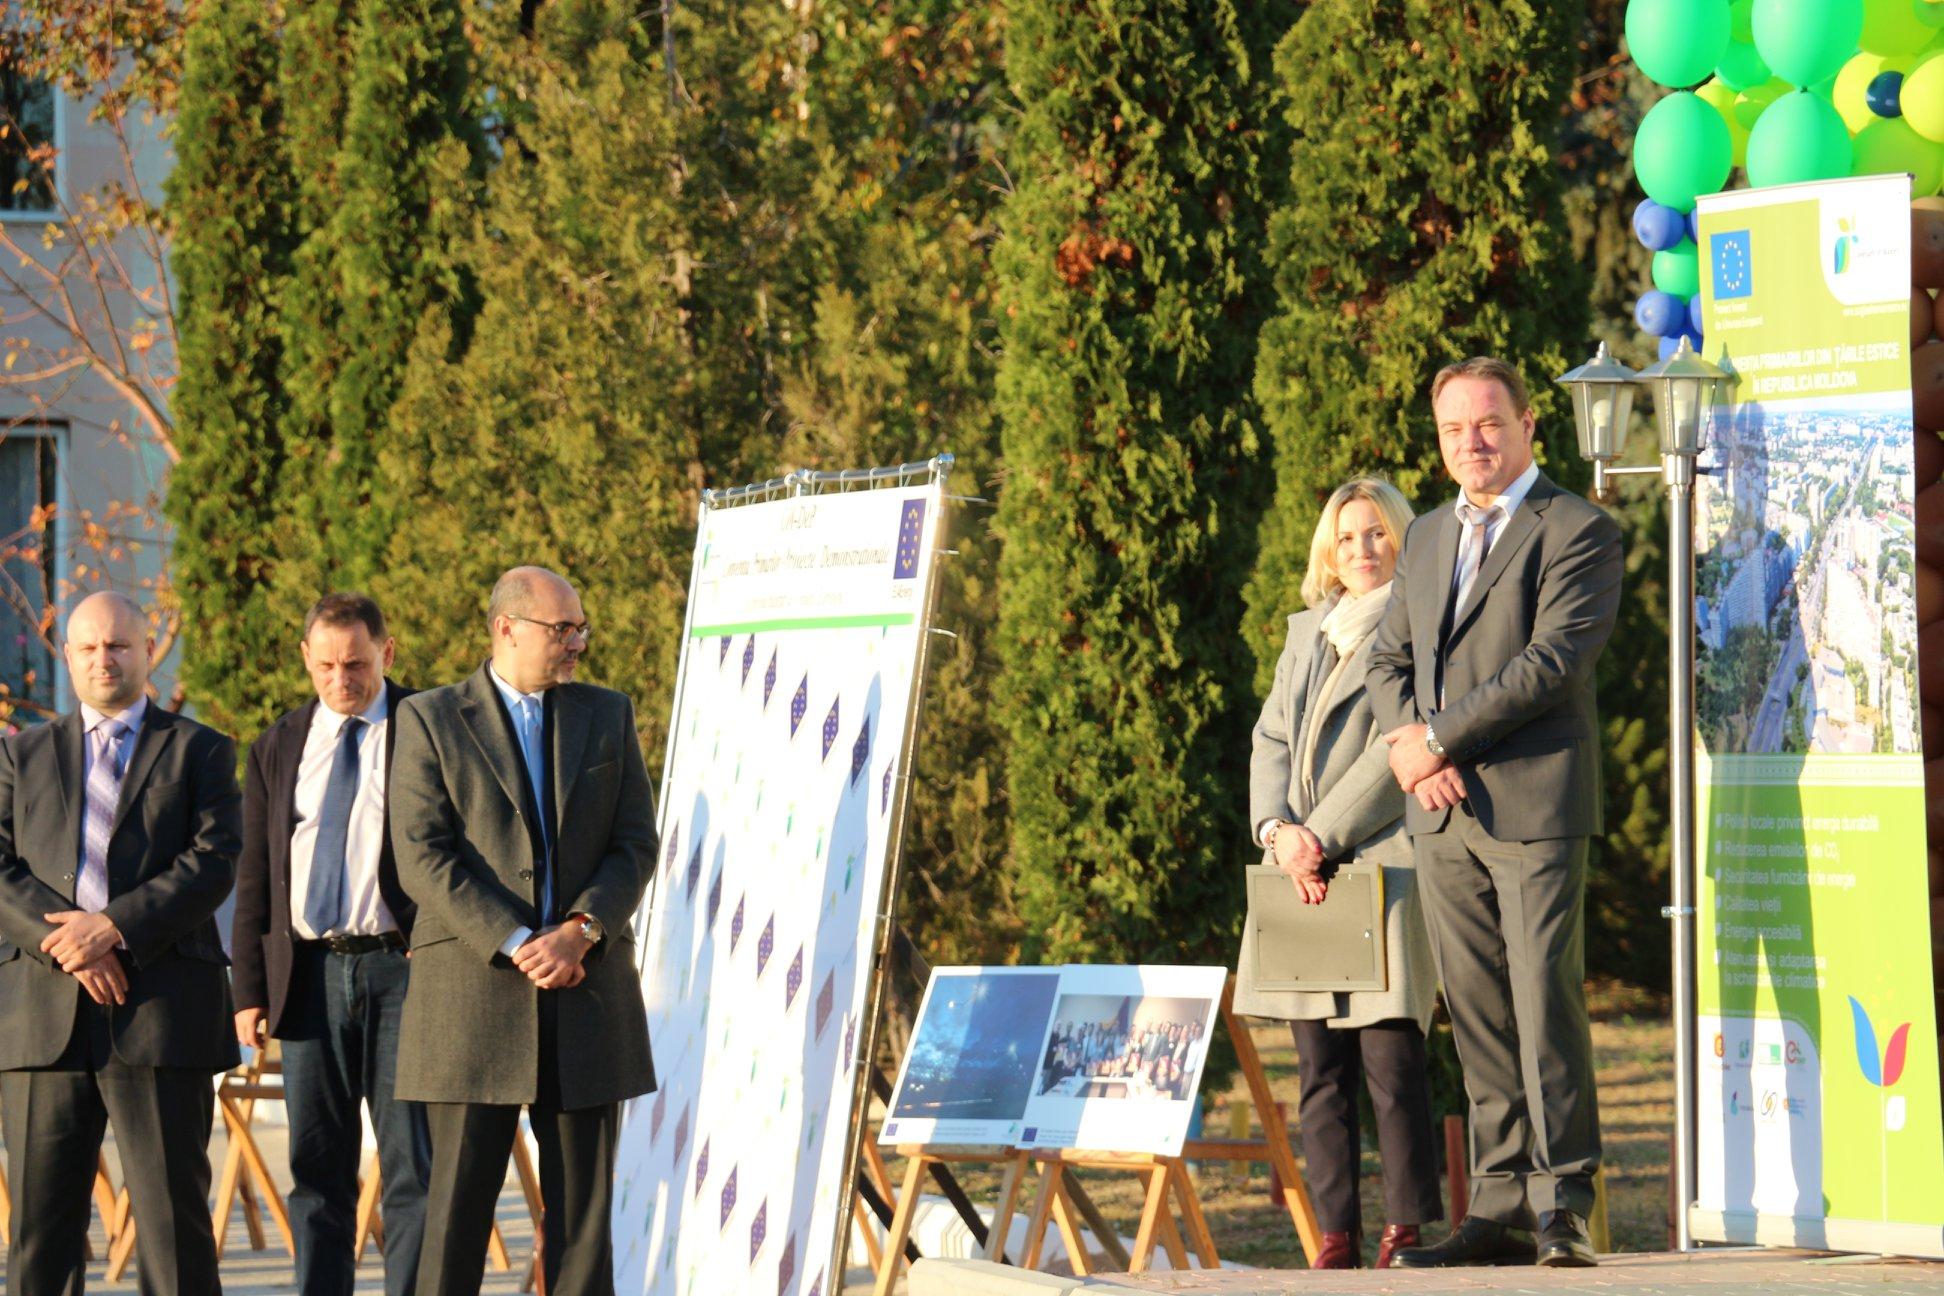 Cantemir, 8 noiembrie, inaugurarea iluminatului stradal inteligent și eficient, proiect realizat în cadrul Programului Convenția Primarilor-Proiecte Demonstraționale